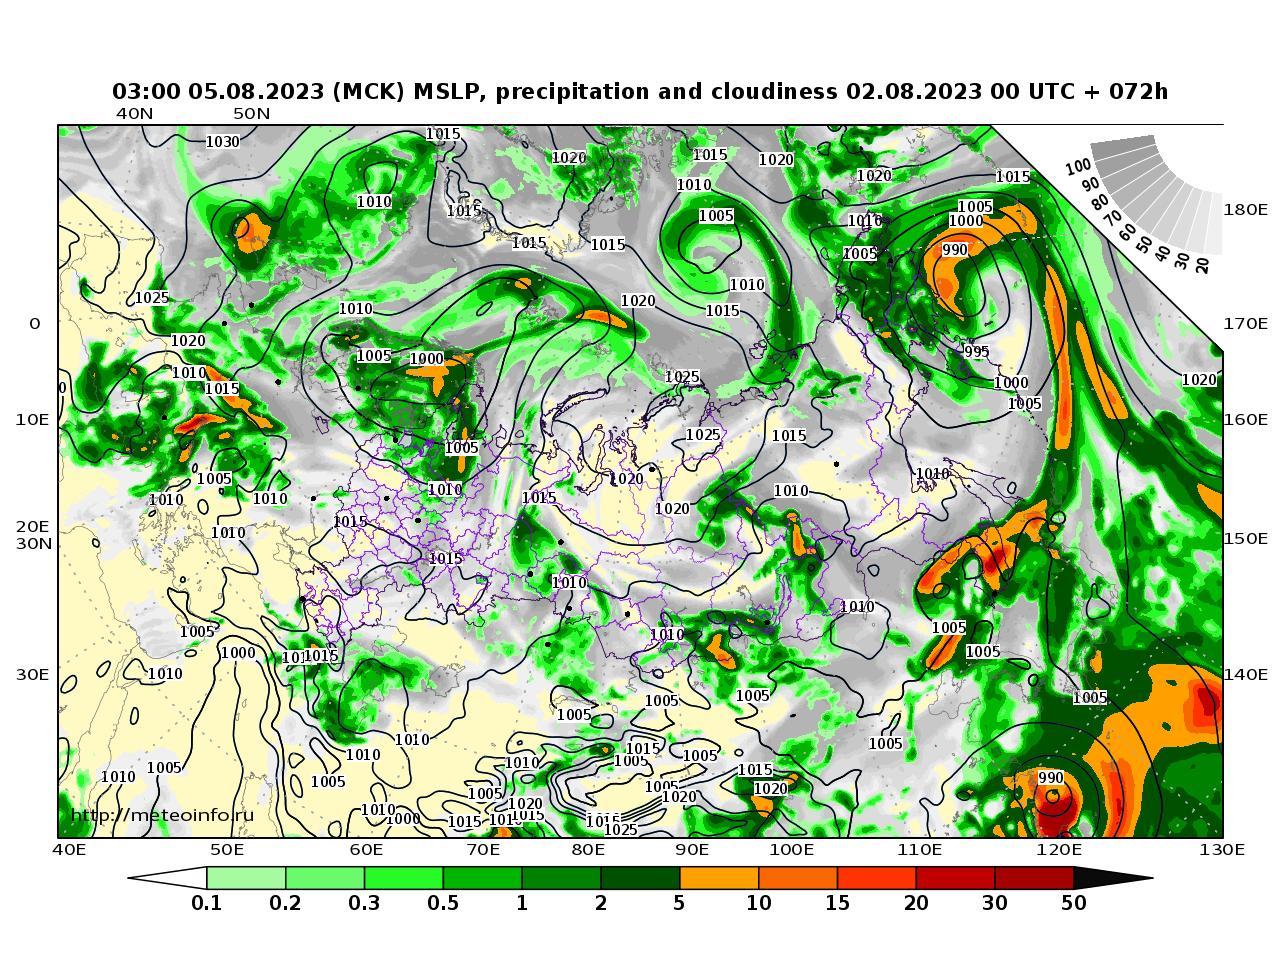 Россия, прогностическая карта осадки и давление, заблаговременность прогноза 72 часа